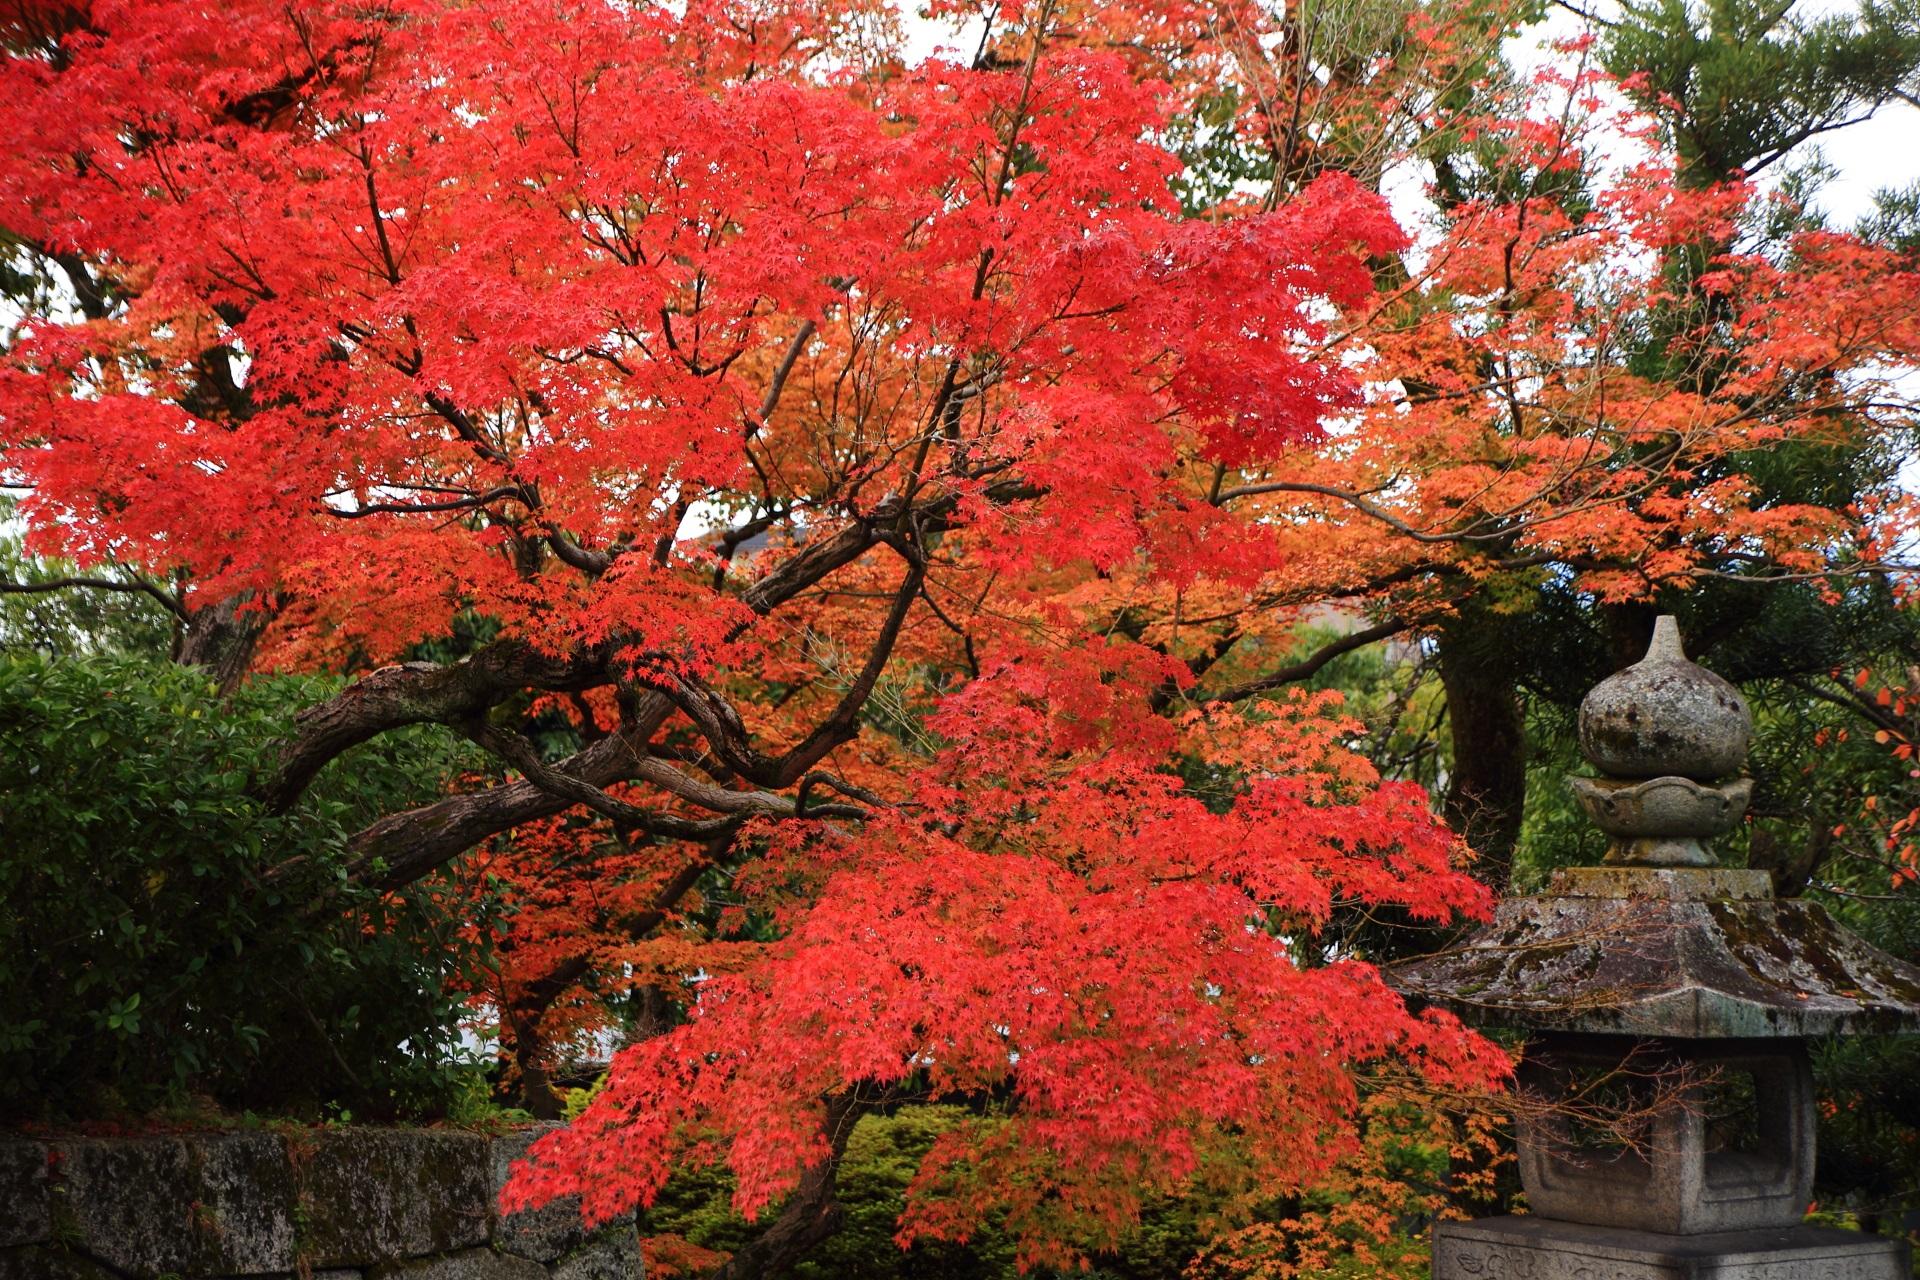 燈籠を染める絵になる赤やオレンジの紅葉